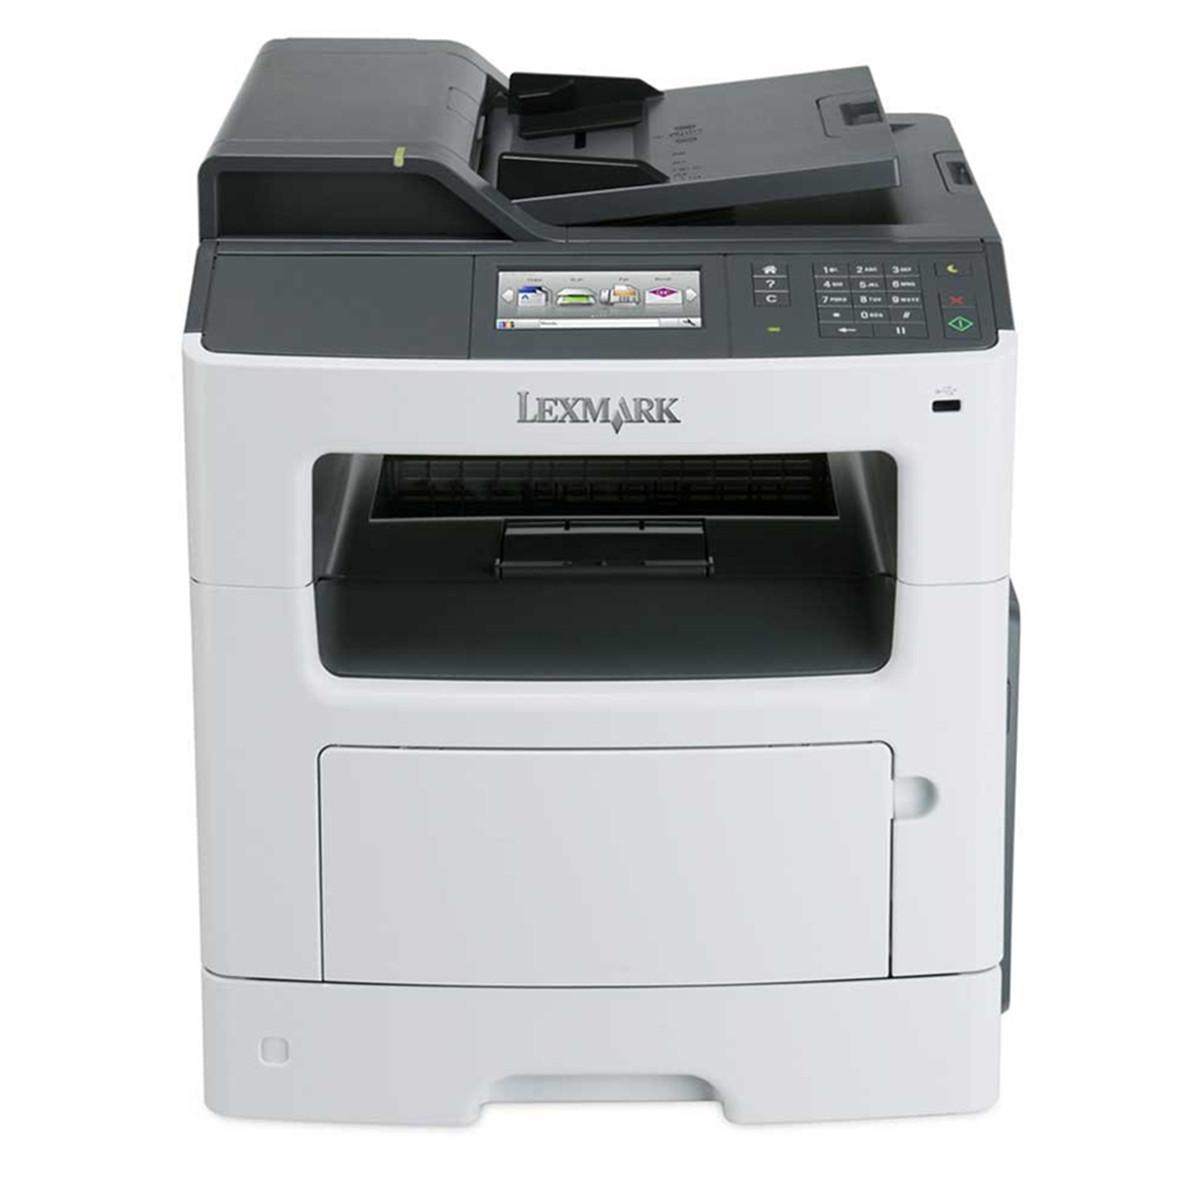 Impressora Lexmark MX417DE MX417 | Multifuncional Laser Monocromática com Rede e Duplex Completo